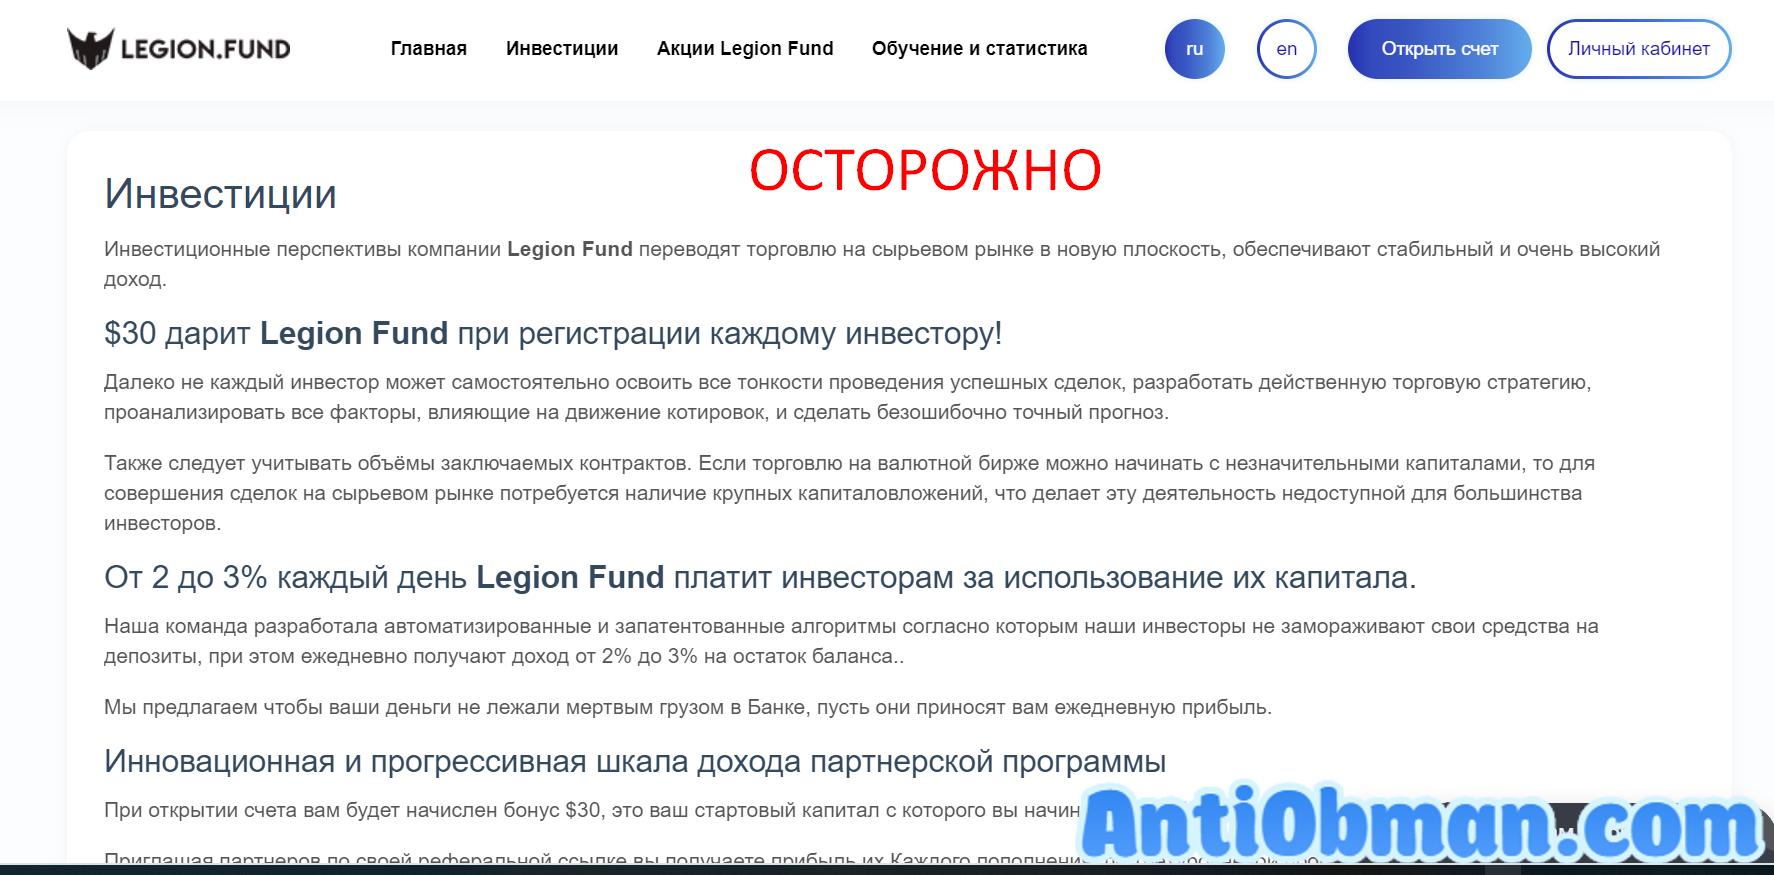 Legion Fund - отзывы, обзор и проверка legion.fund